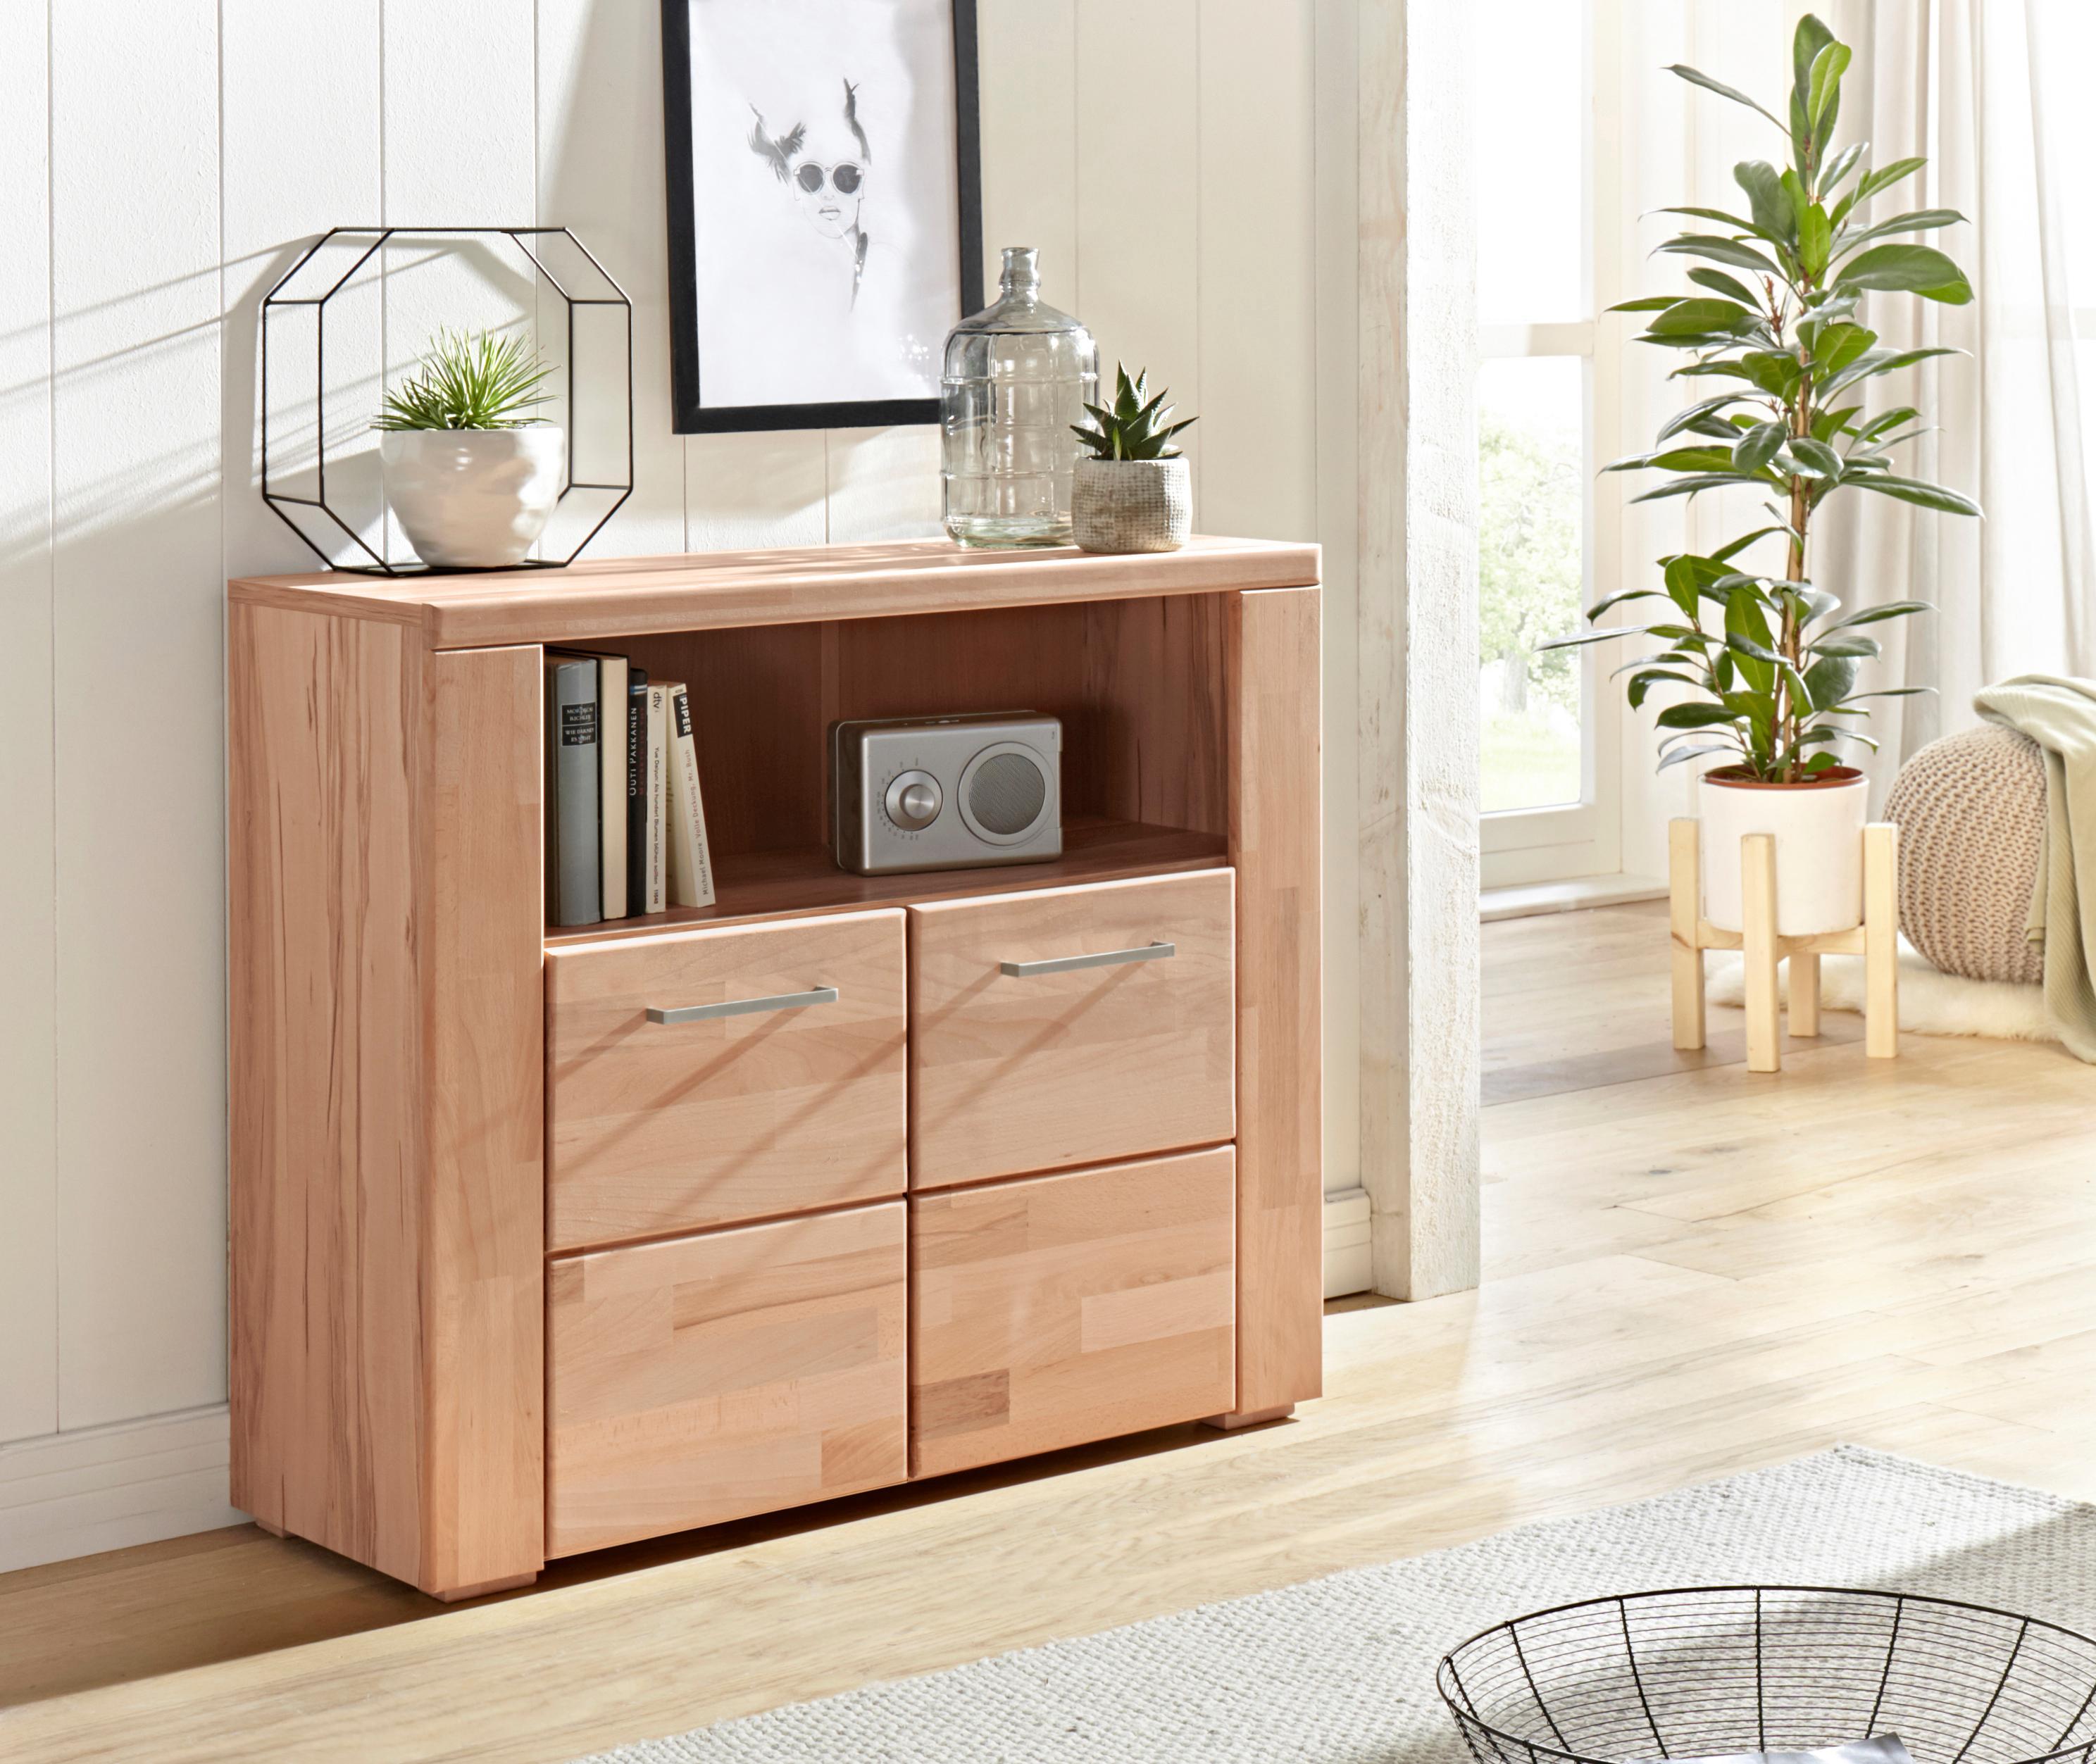 kommode celle breite 90 cm kaufen baur. Black Bedroom Furniture Sets. Home Design Ideas